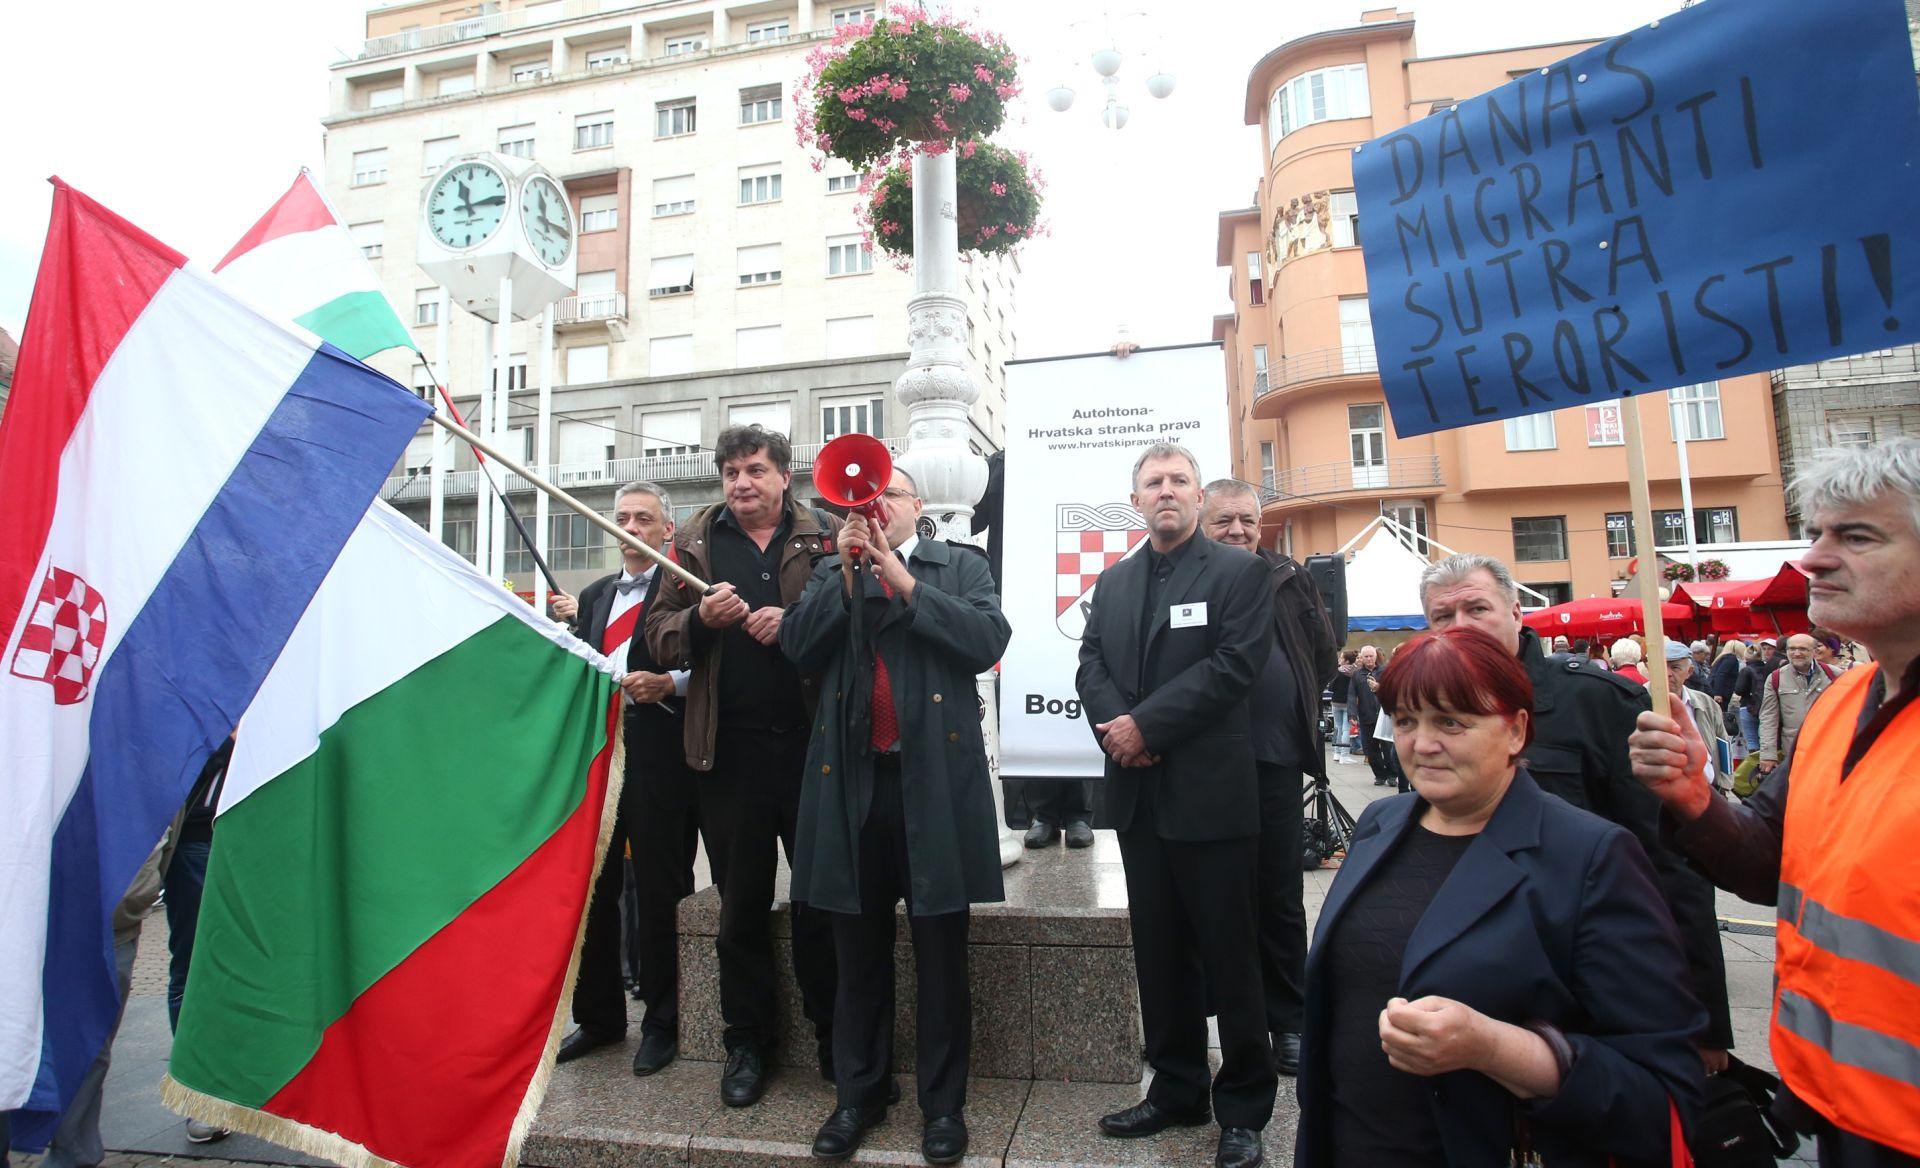 Zagreb: Prosvjed protiv ulaska migranata okupio vrlo mali broj ljudi